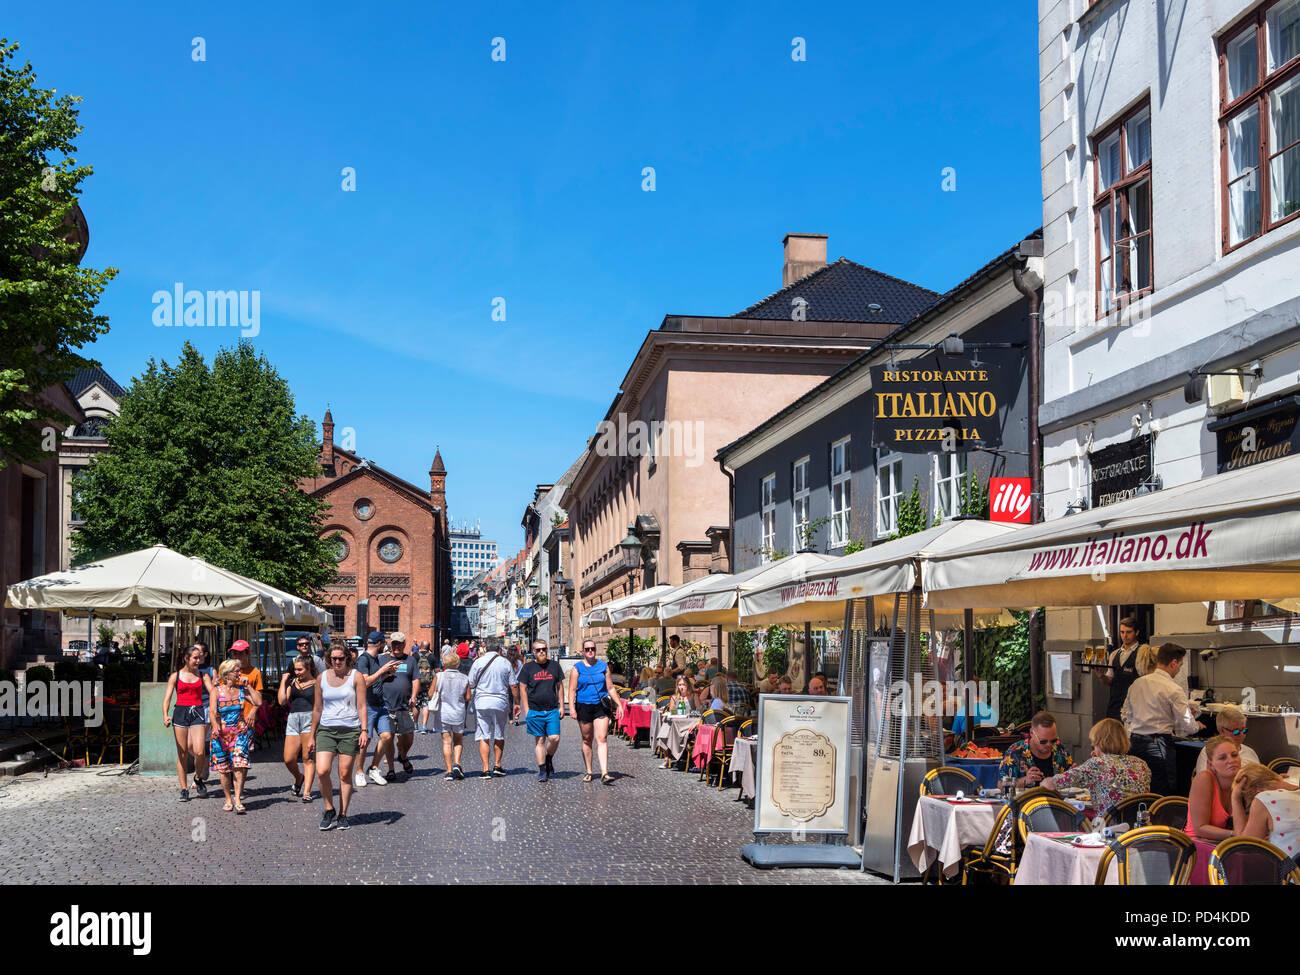 Cafés und Restaurants auf Fiolstraede im lateinischen Viertel, Kopenhagen, Dänemark Stockbild